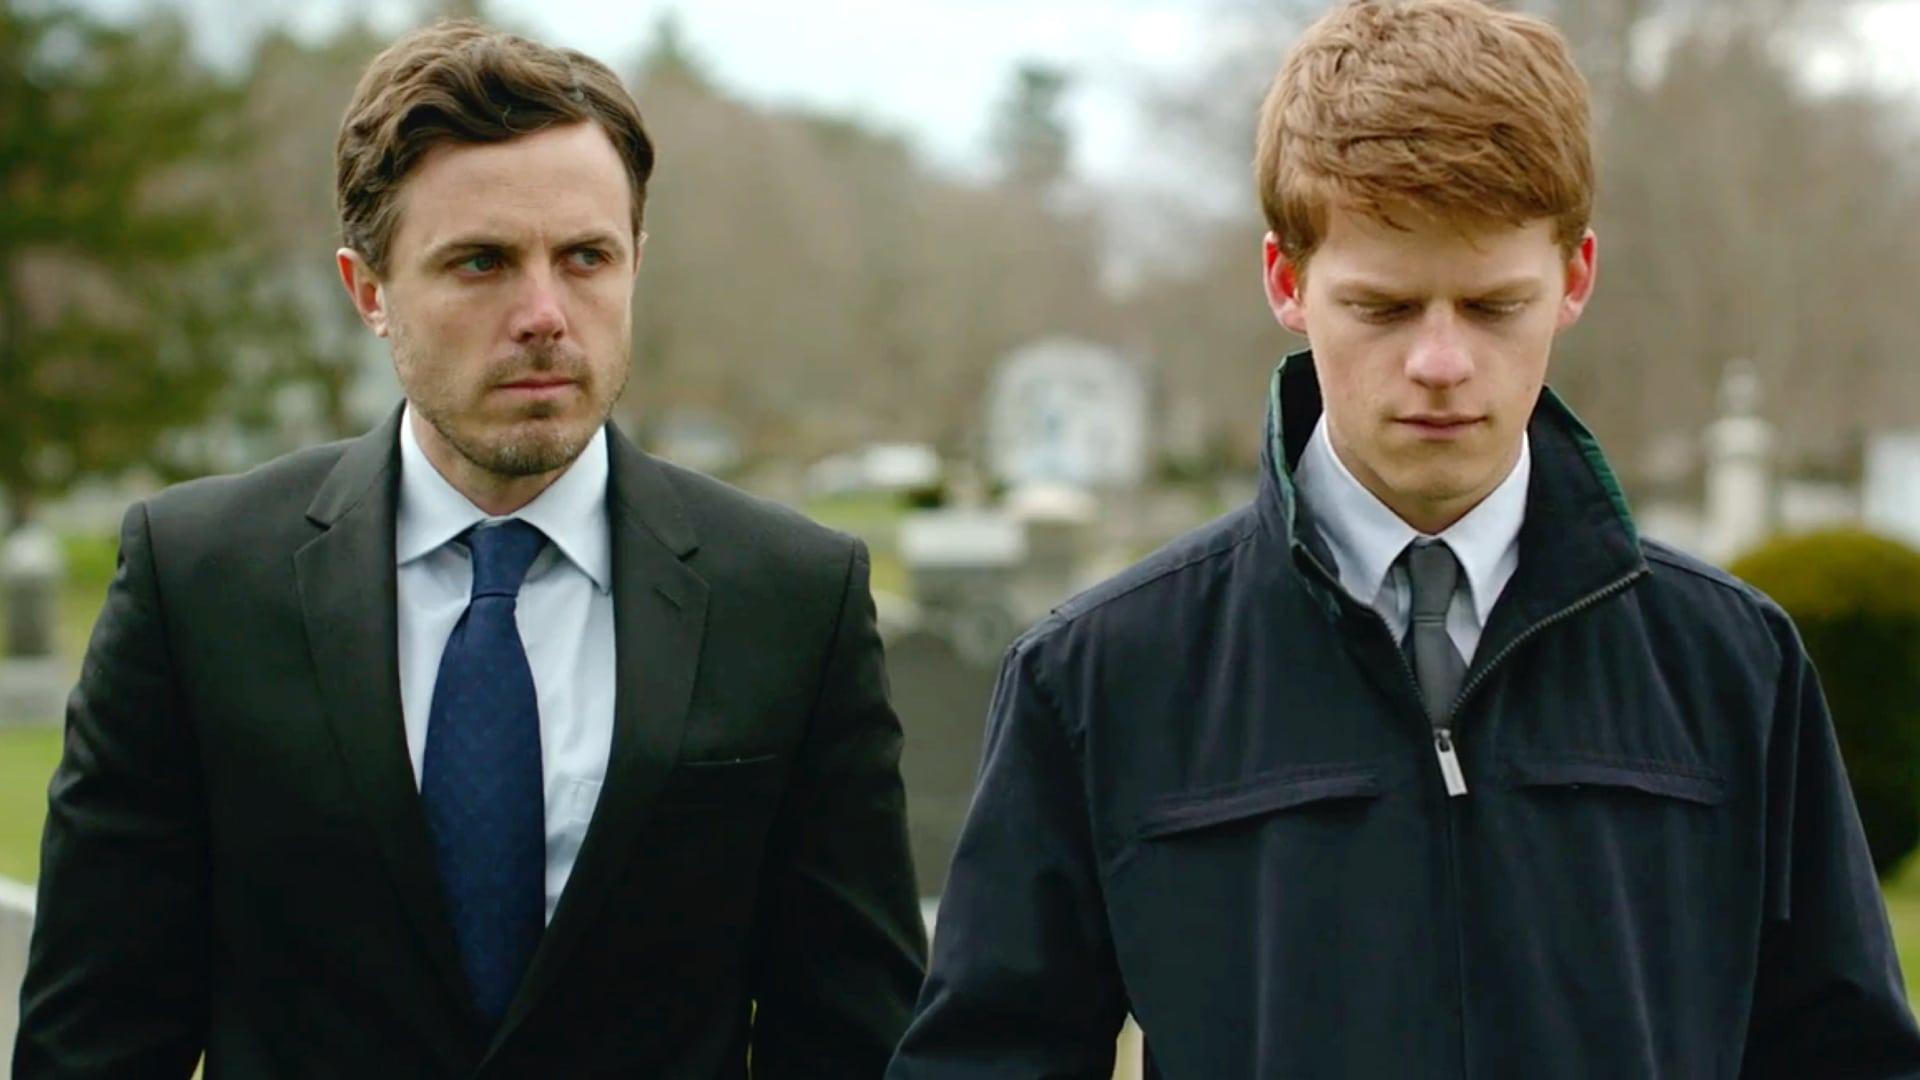 Casey Affleck et Lucas Hedges durant l'enterrement dans Manchester by the sea